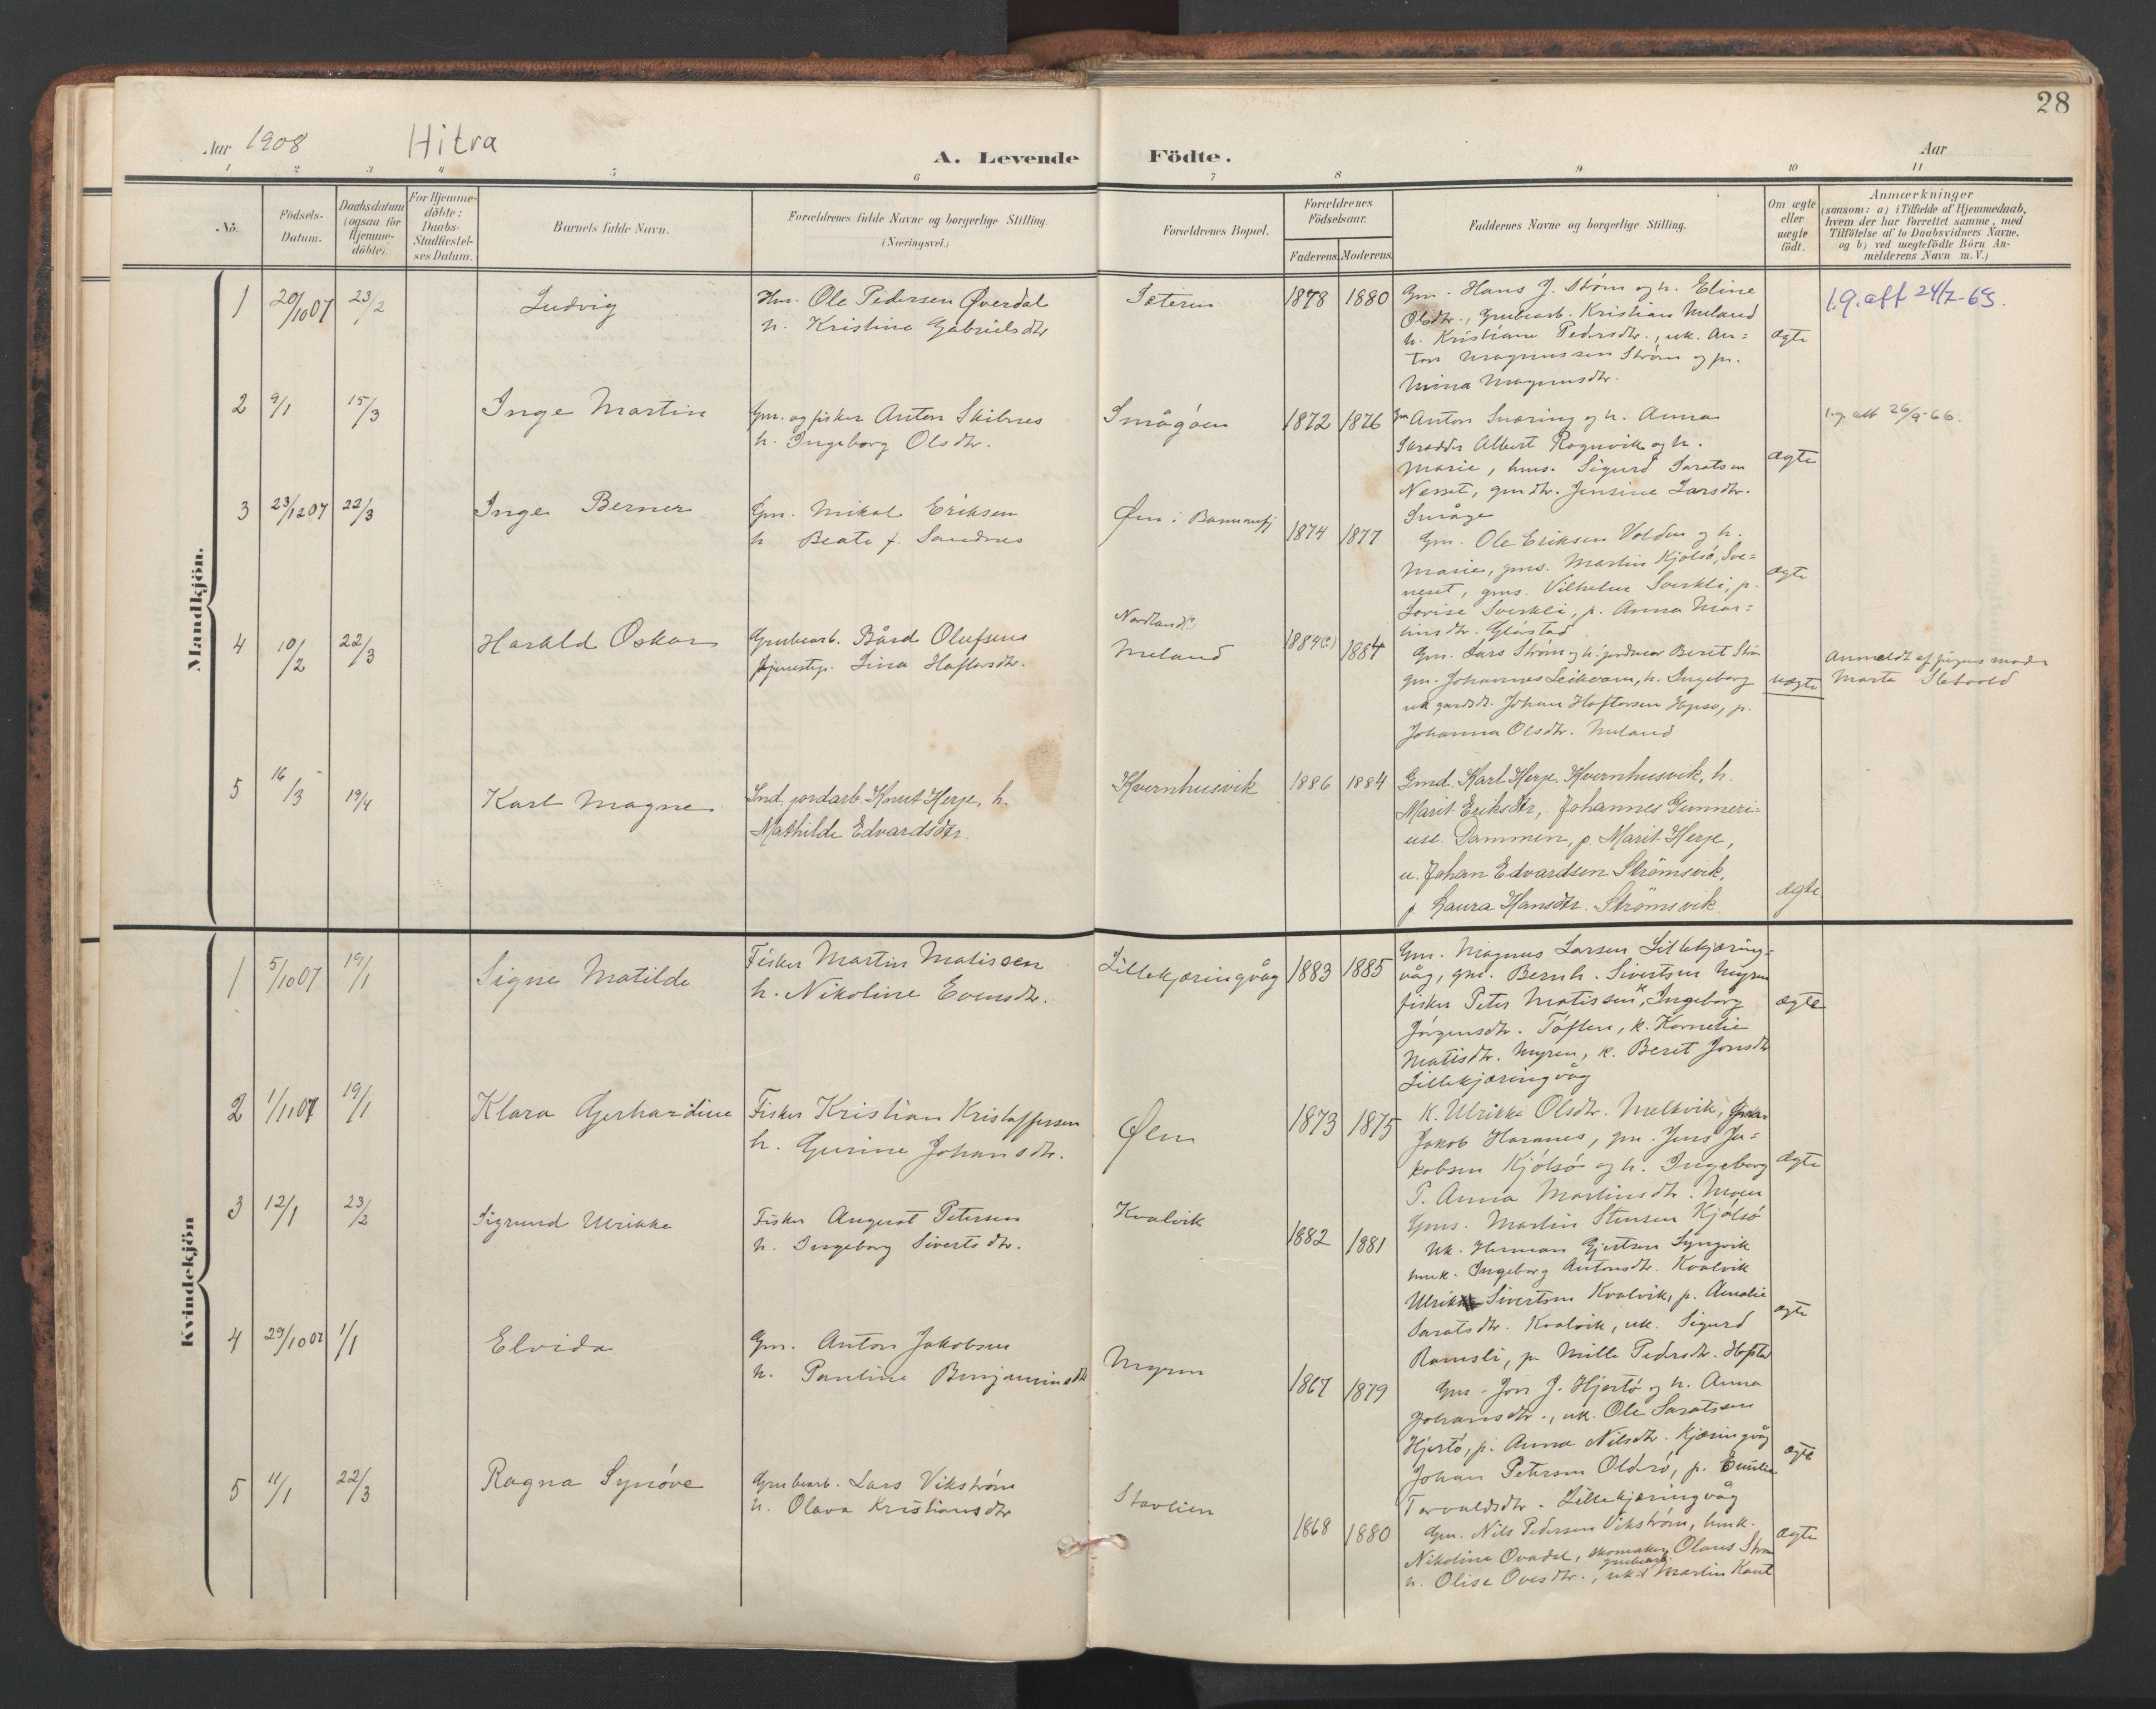 SAT, Ministerialprotokoller, klokkerbøker og fødselsregistre - Sør-Trøndelag, 634/L0537: Ministerialbok nr. 634A13, 1896-1922, s. 28